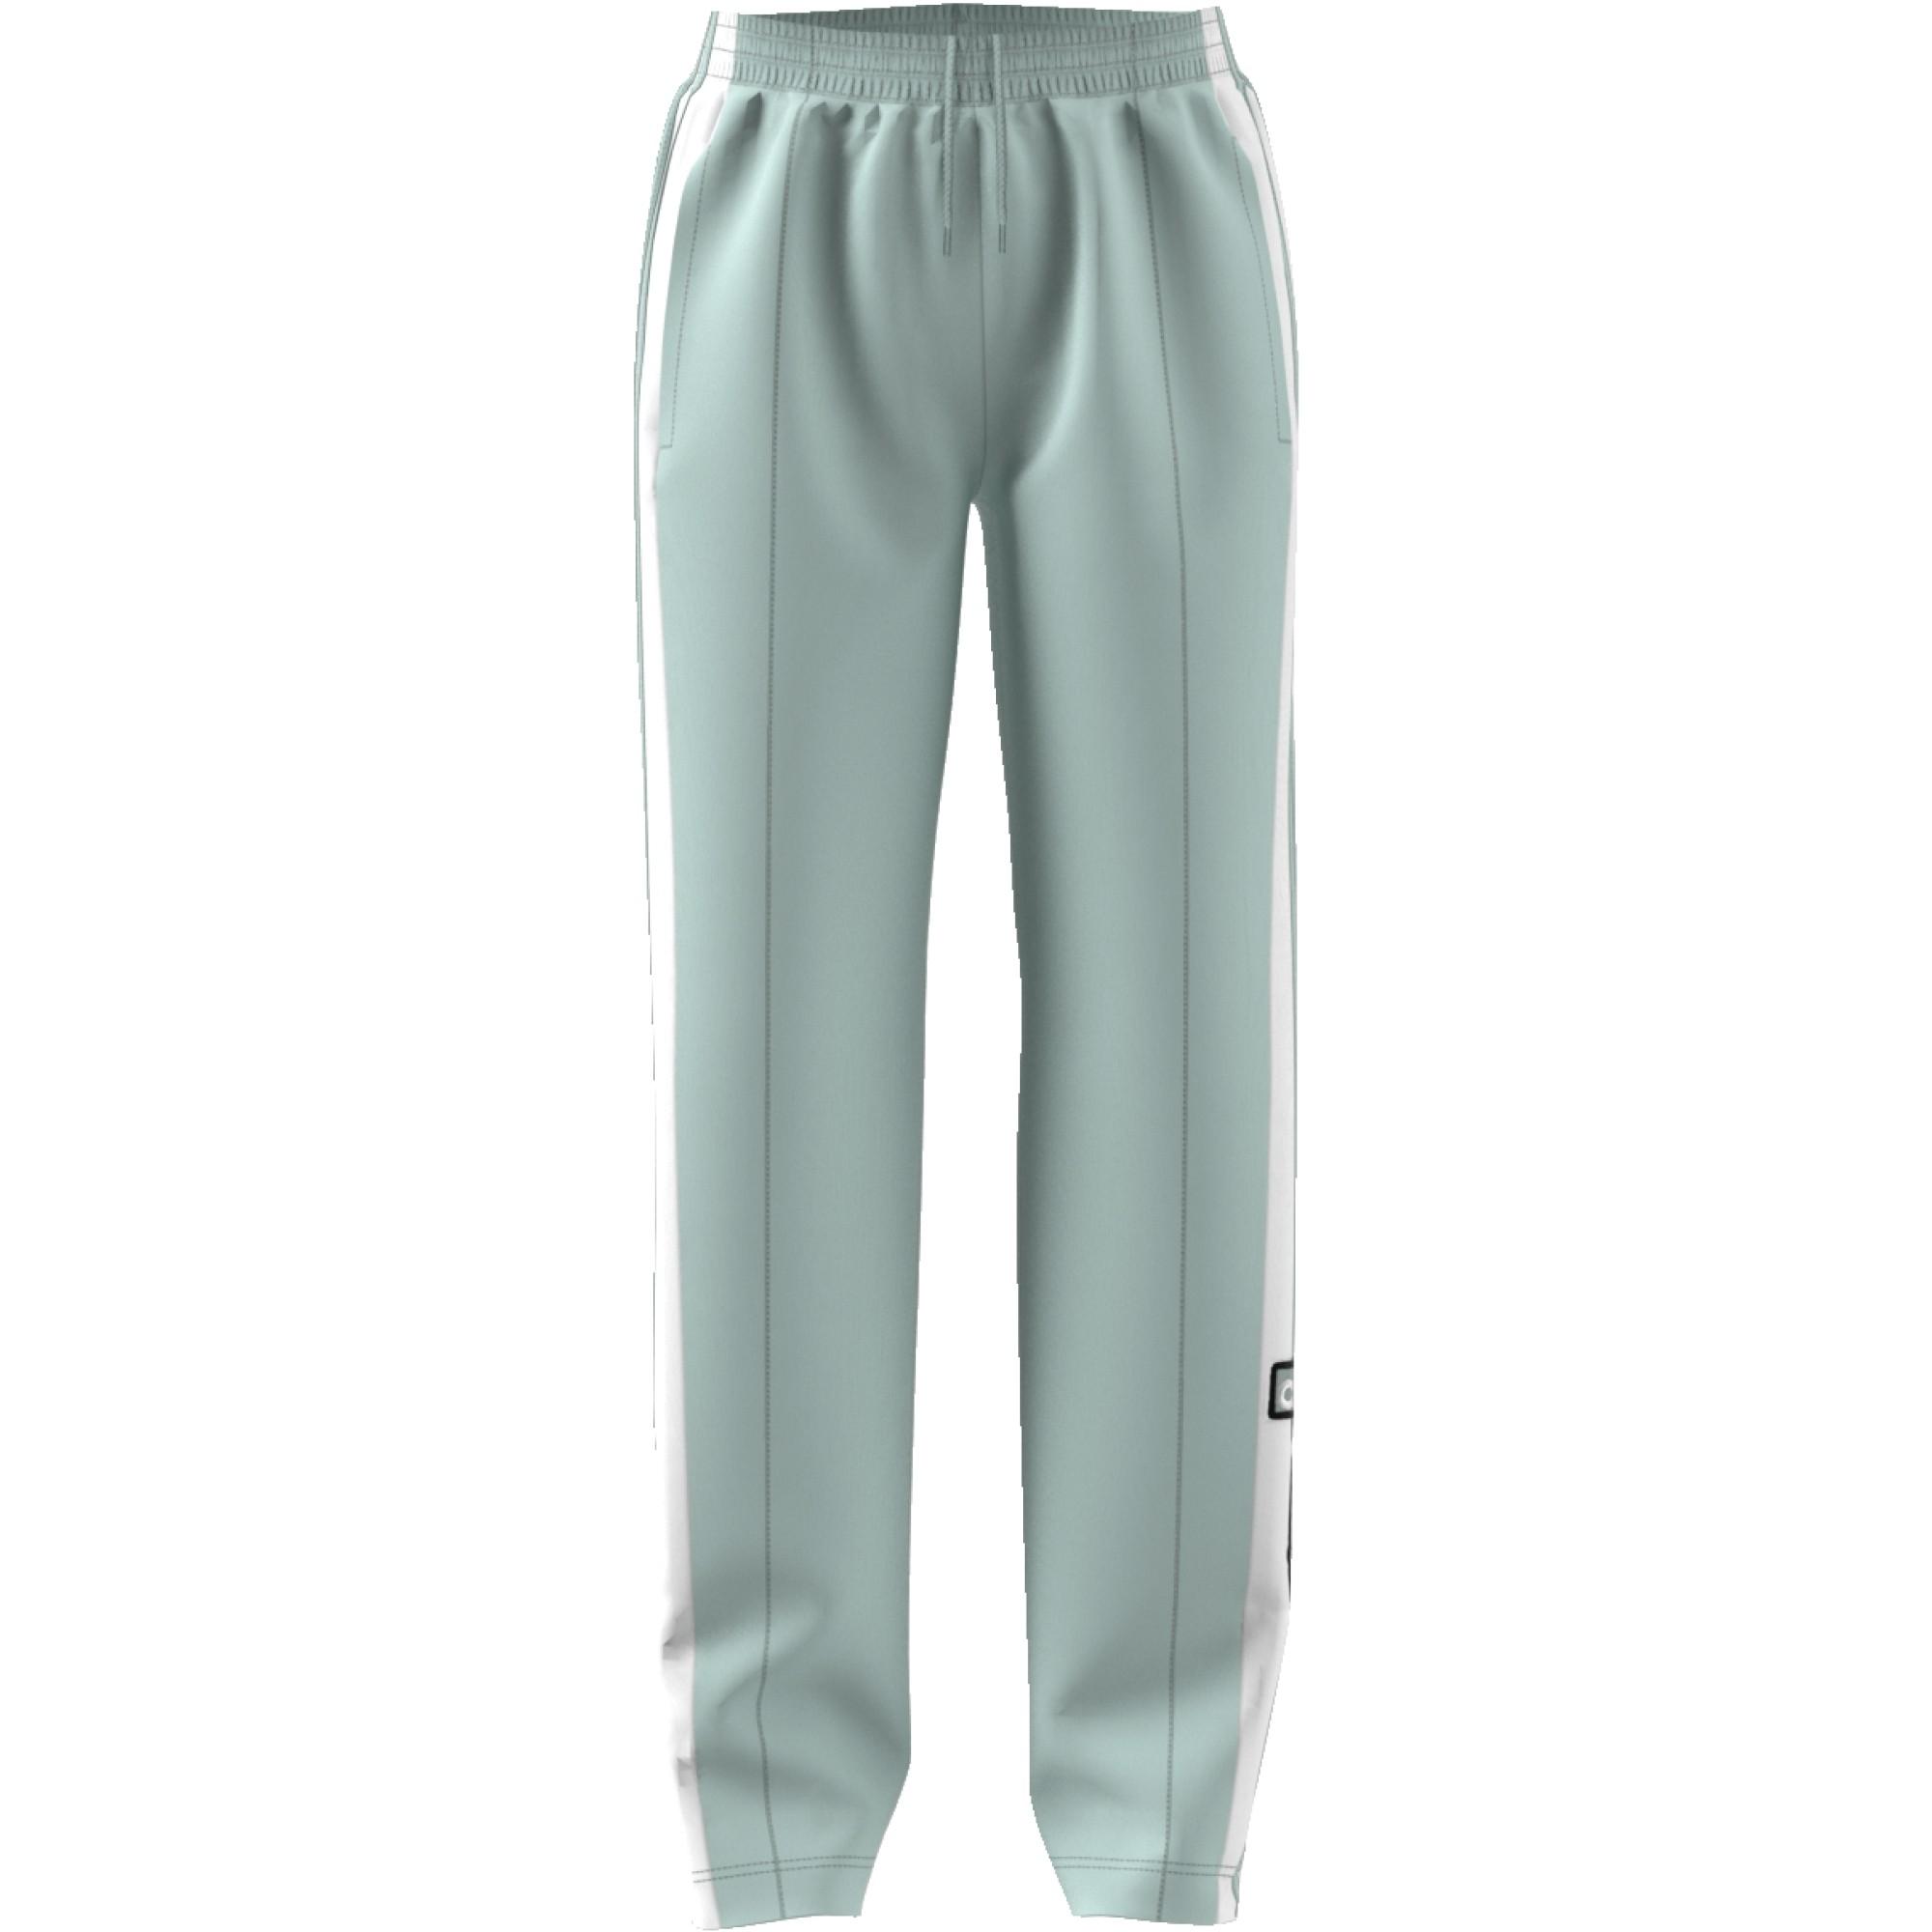 Deportes Moya Mujer Pantalón Adibreak Azul Claro Adidas drhtsQ